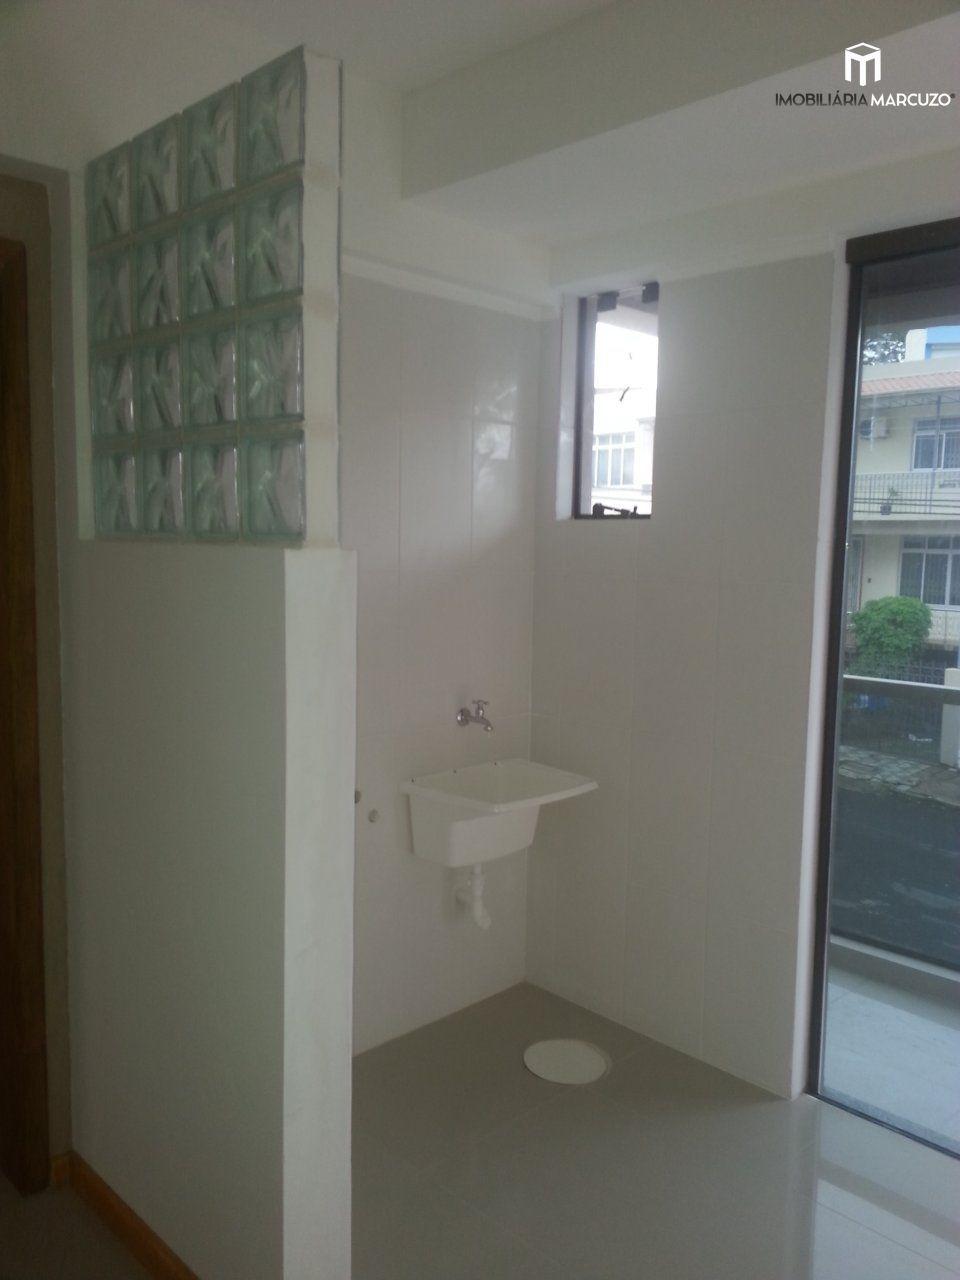 Apartamento com 1 Dormitórios à venda, 50 m² por R$ 185.000,00